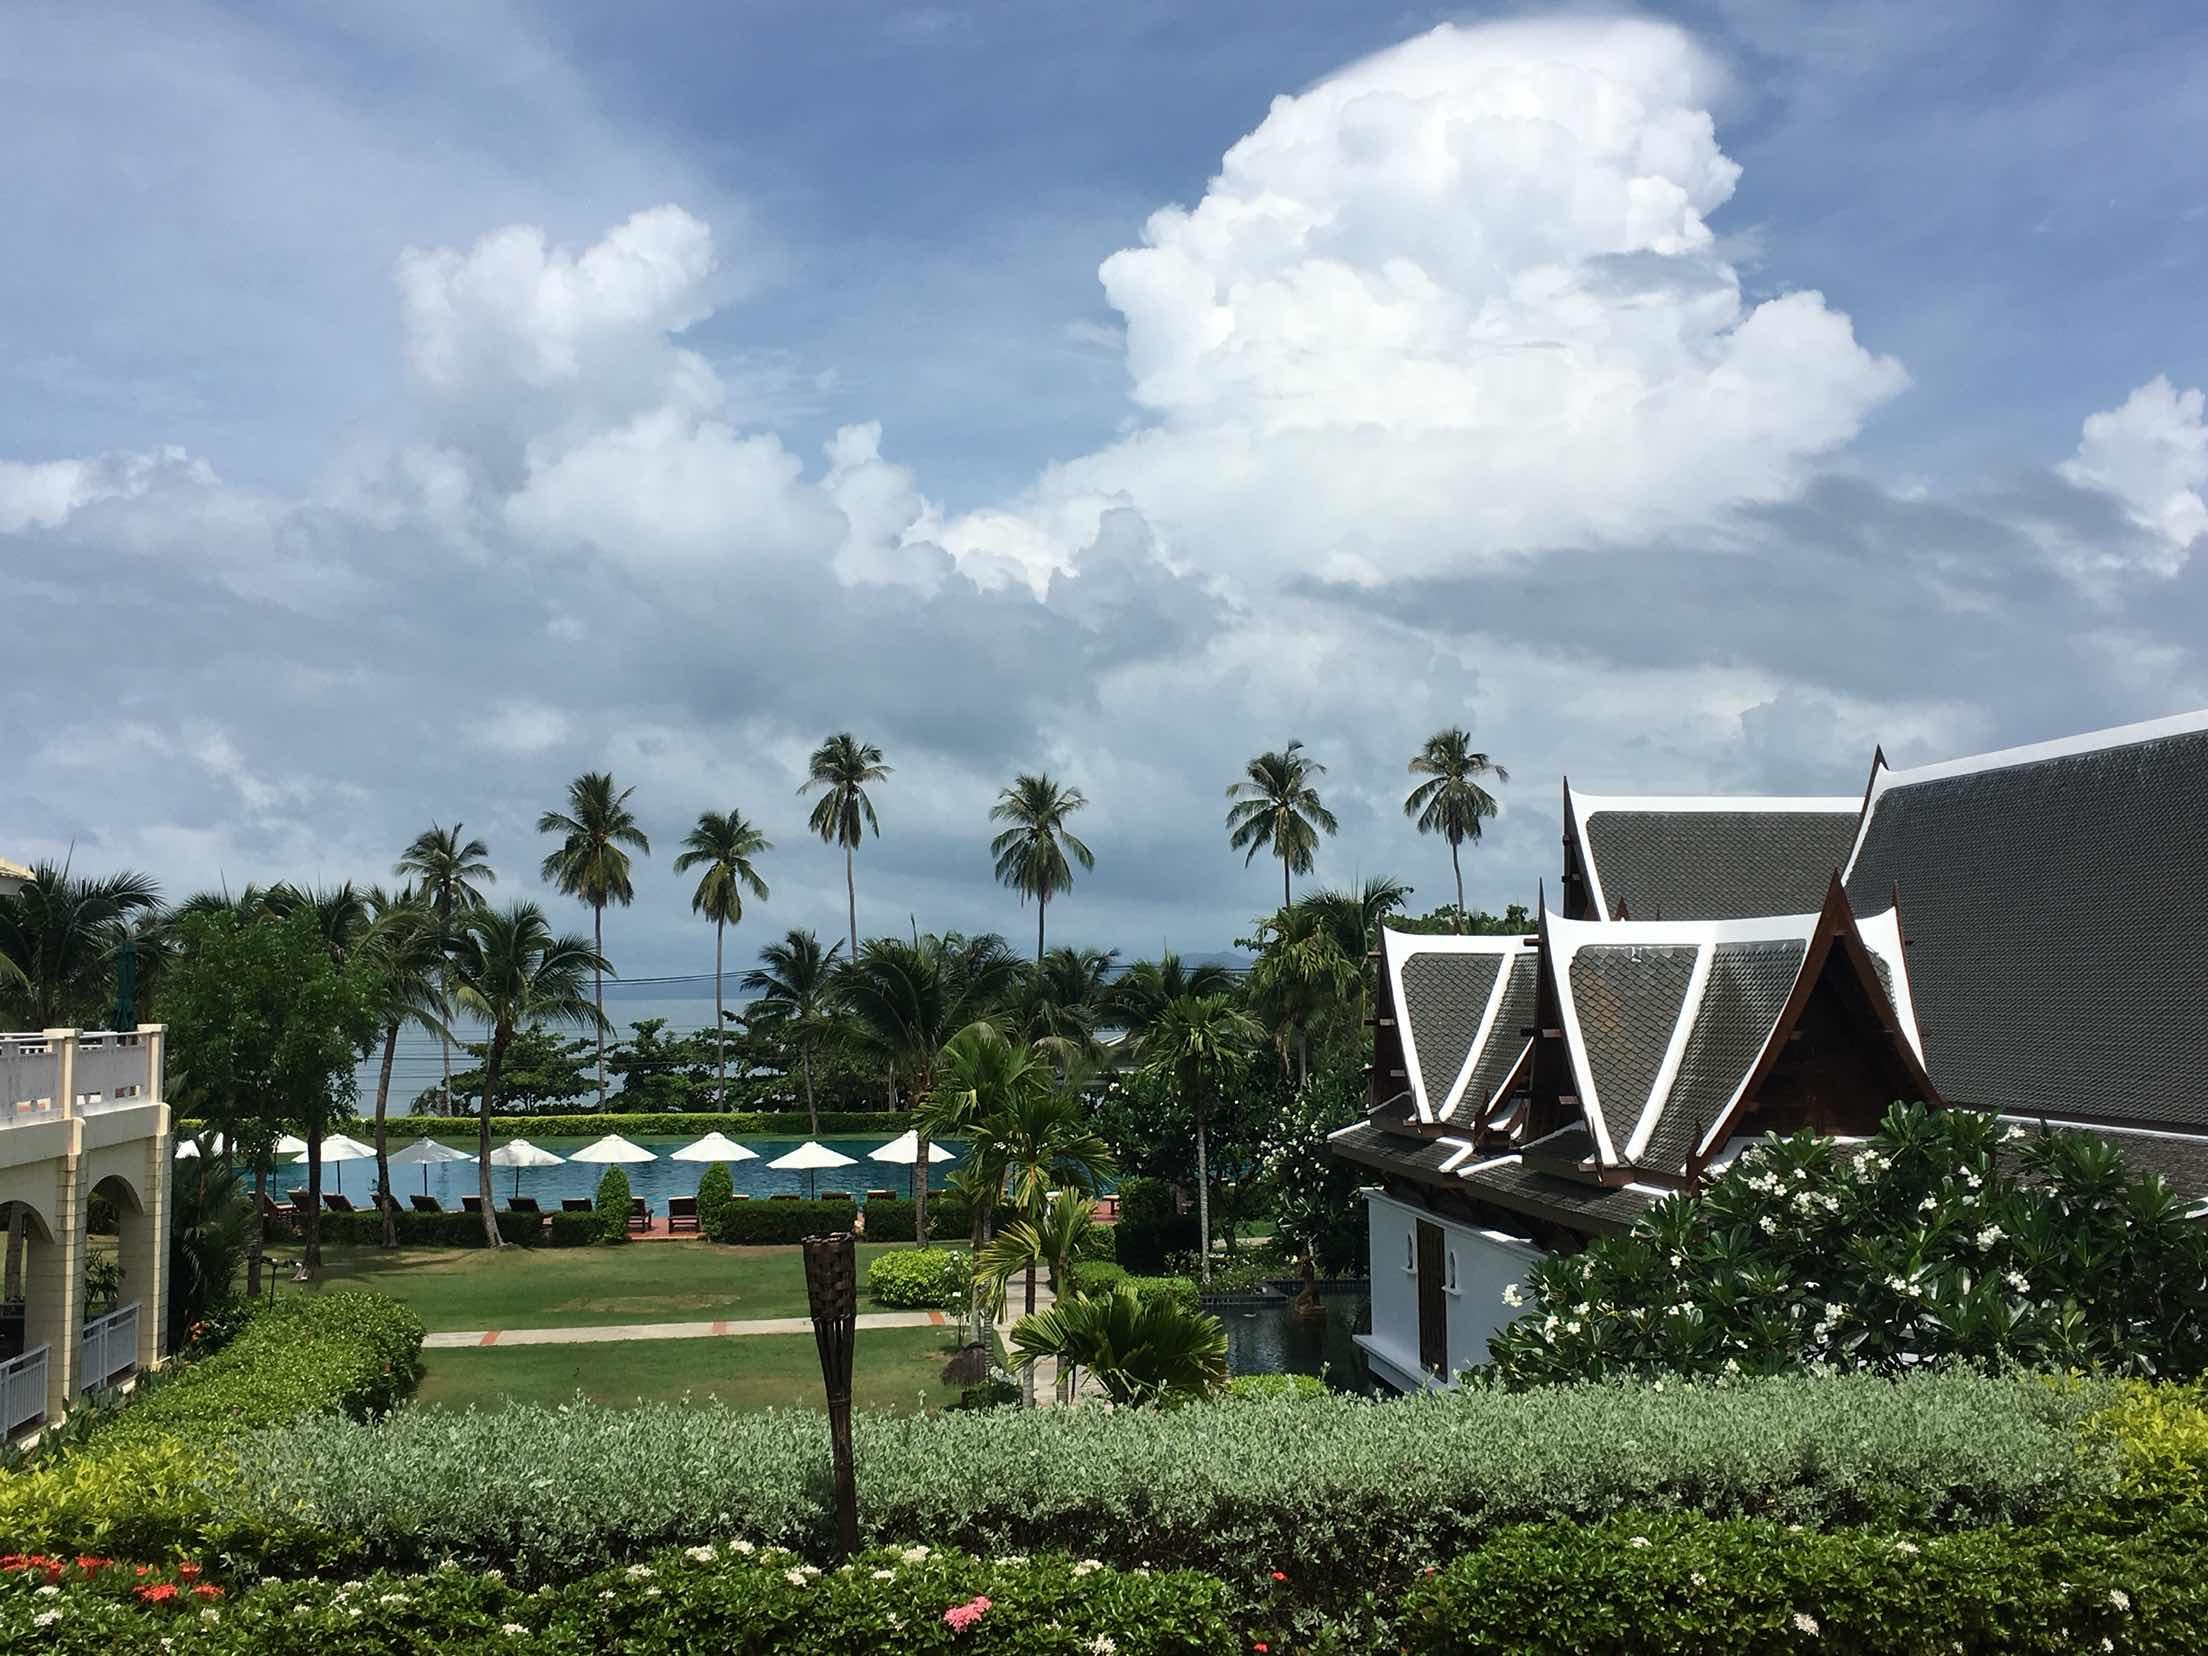 泰国普吉岛甲米5晚6日游(已含导游服务费,甲米四岛竹子岛大堡礁浮潜,2